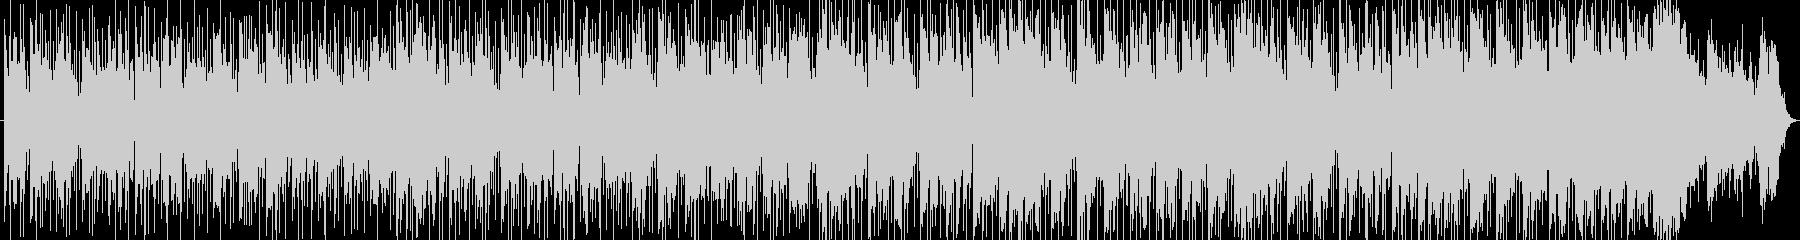 背景素材:ナレーション用BGM-1の未再生の波形